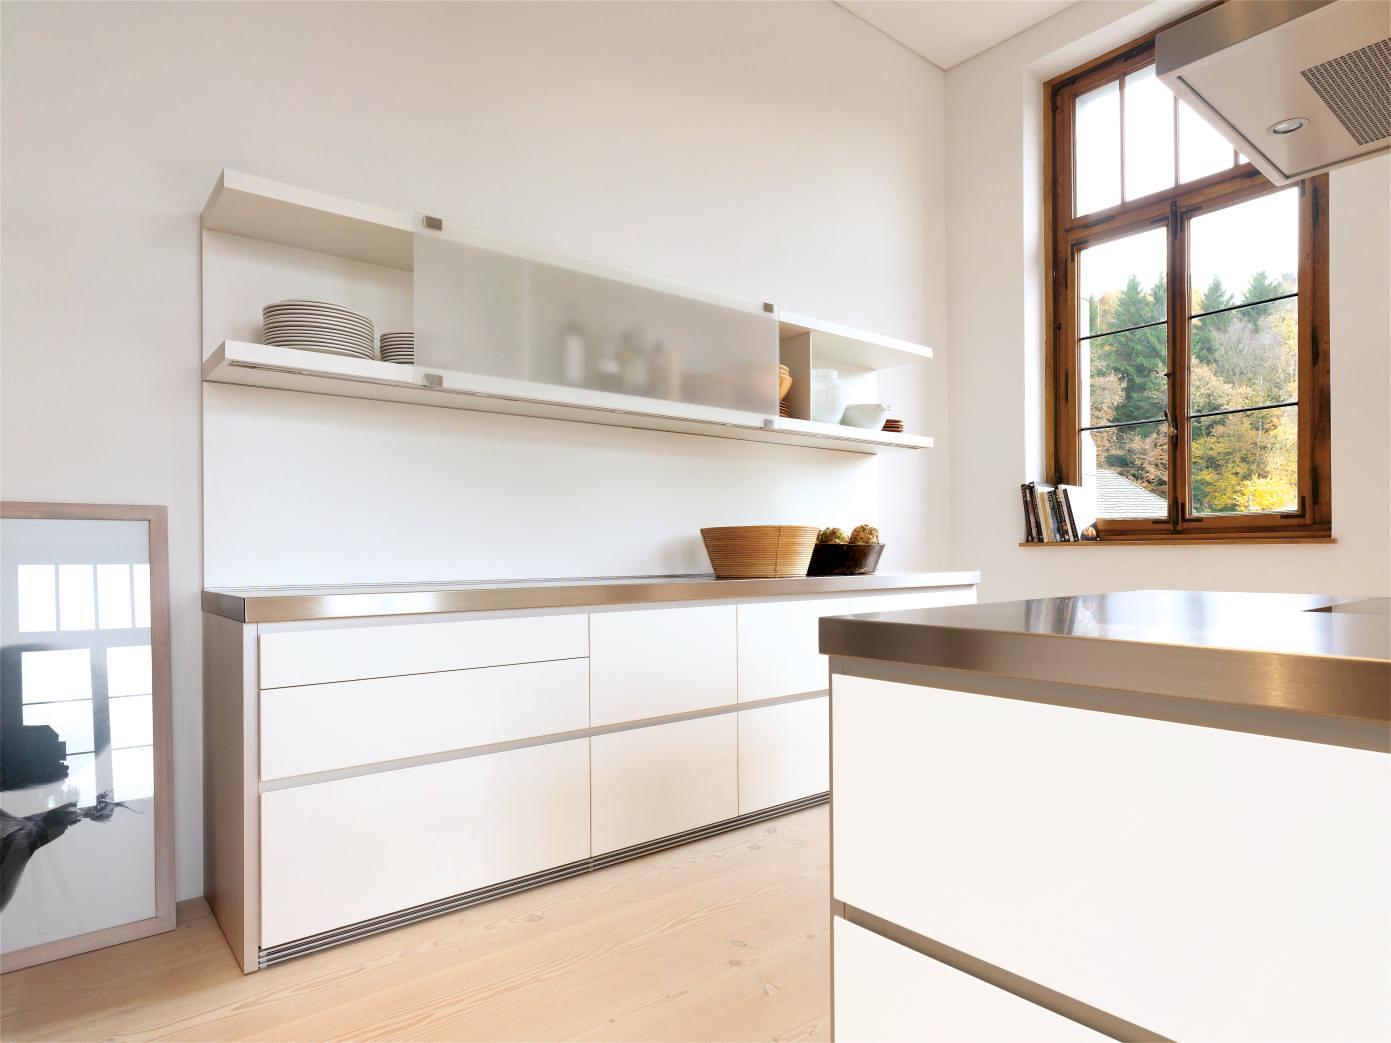 Bulthaup #b1 #küche #kücheninsel #küchenaufbewahrung ©Bulthaup GmbH U0026 Co KG